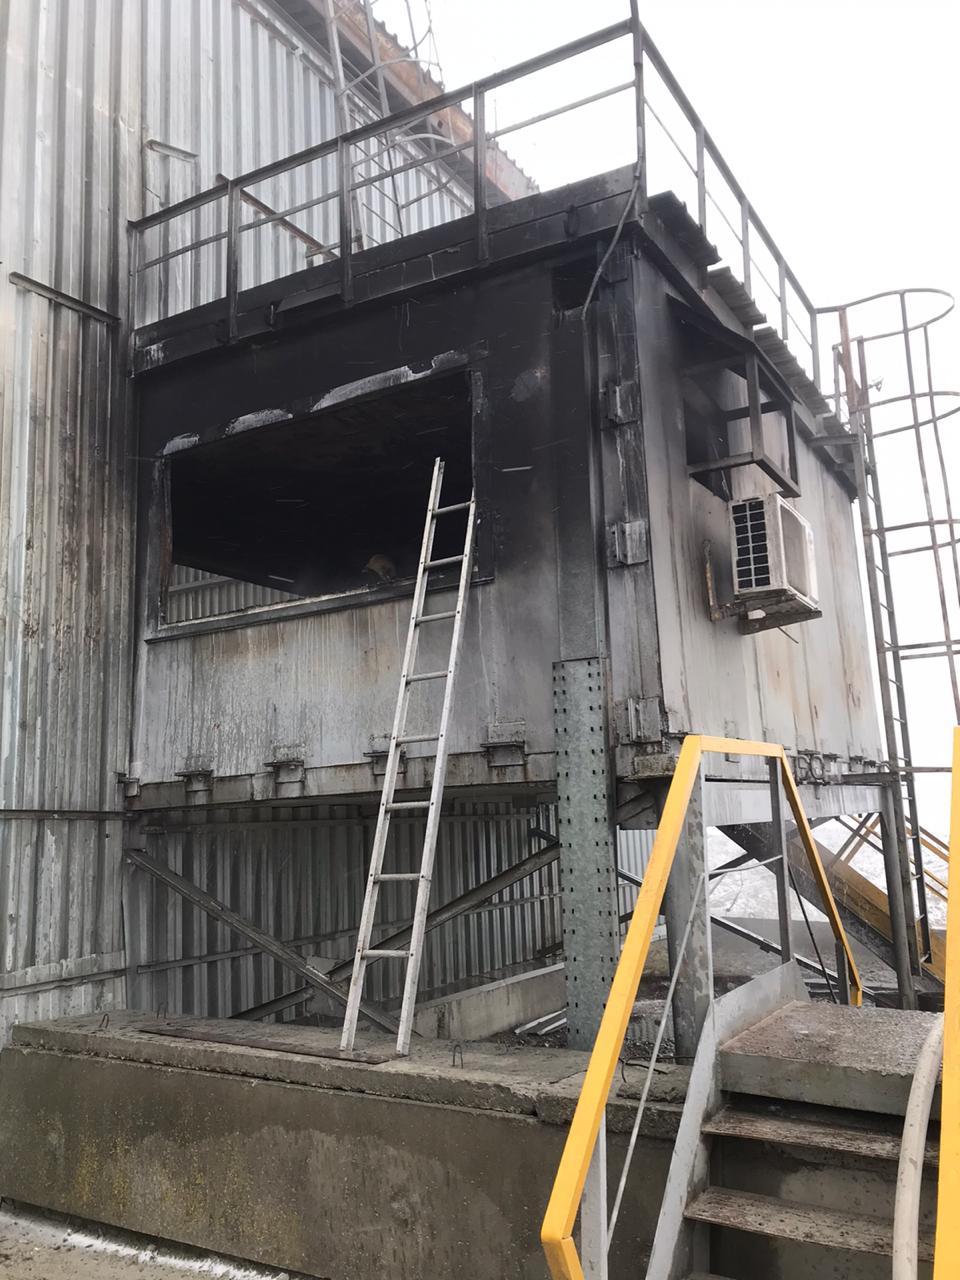 В Новороссийске на территории цемзавода произошел пожар